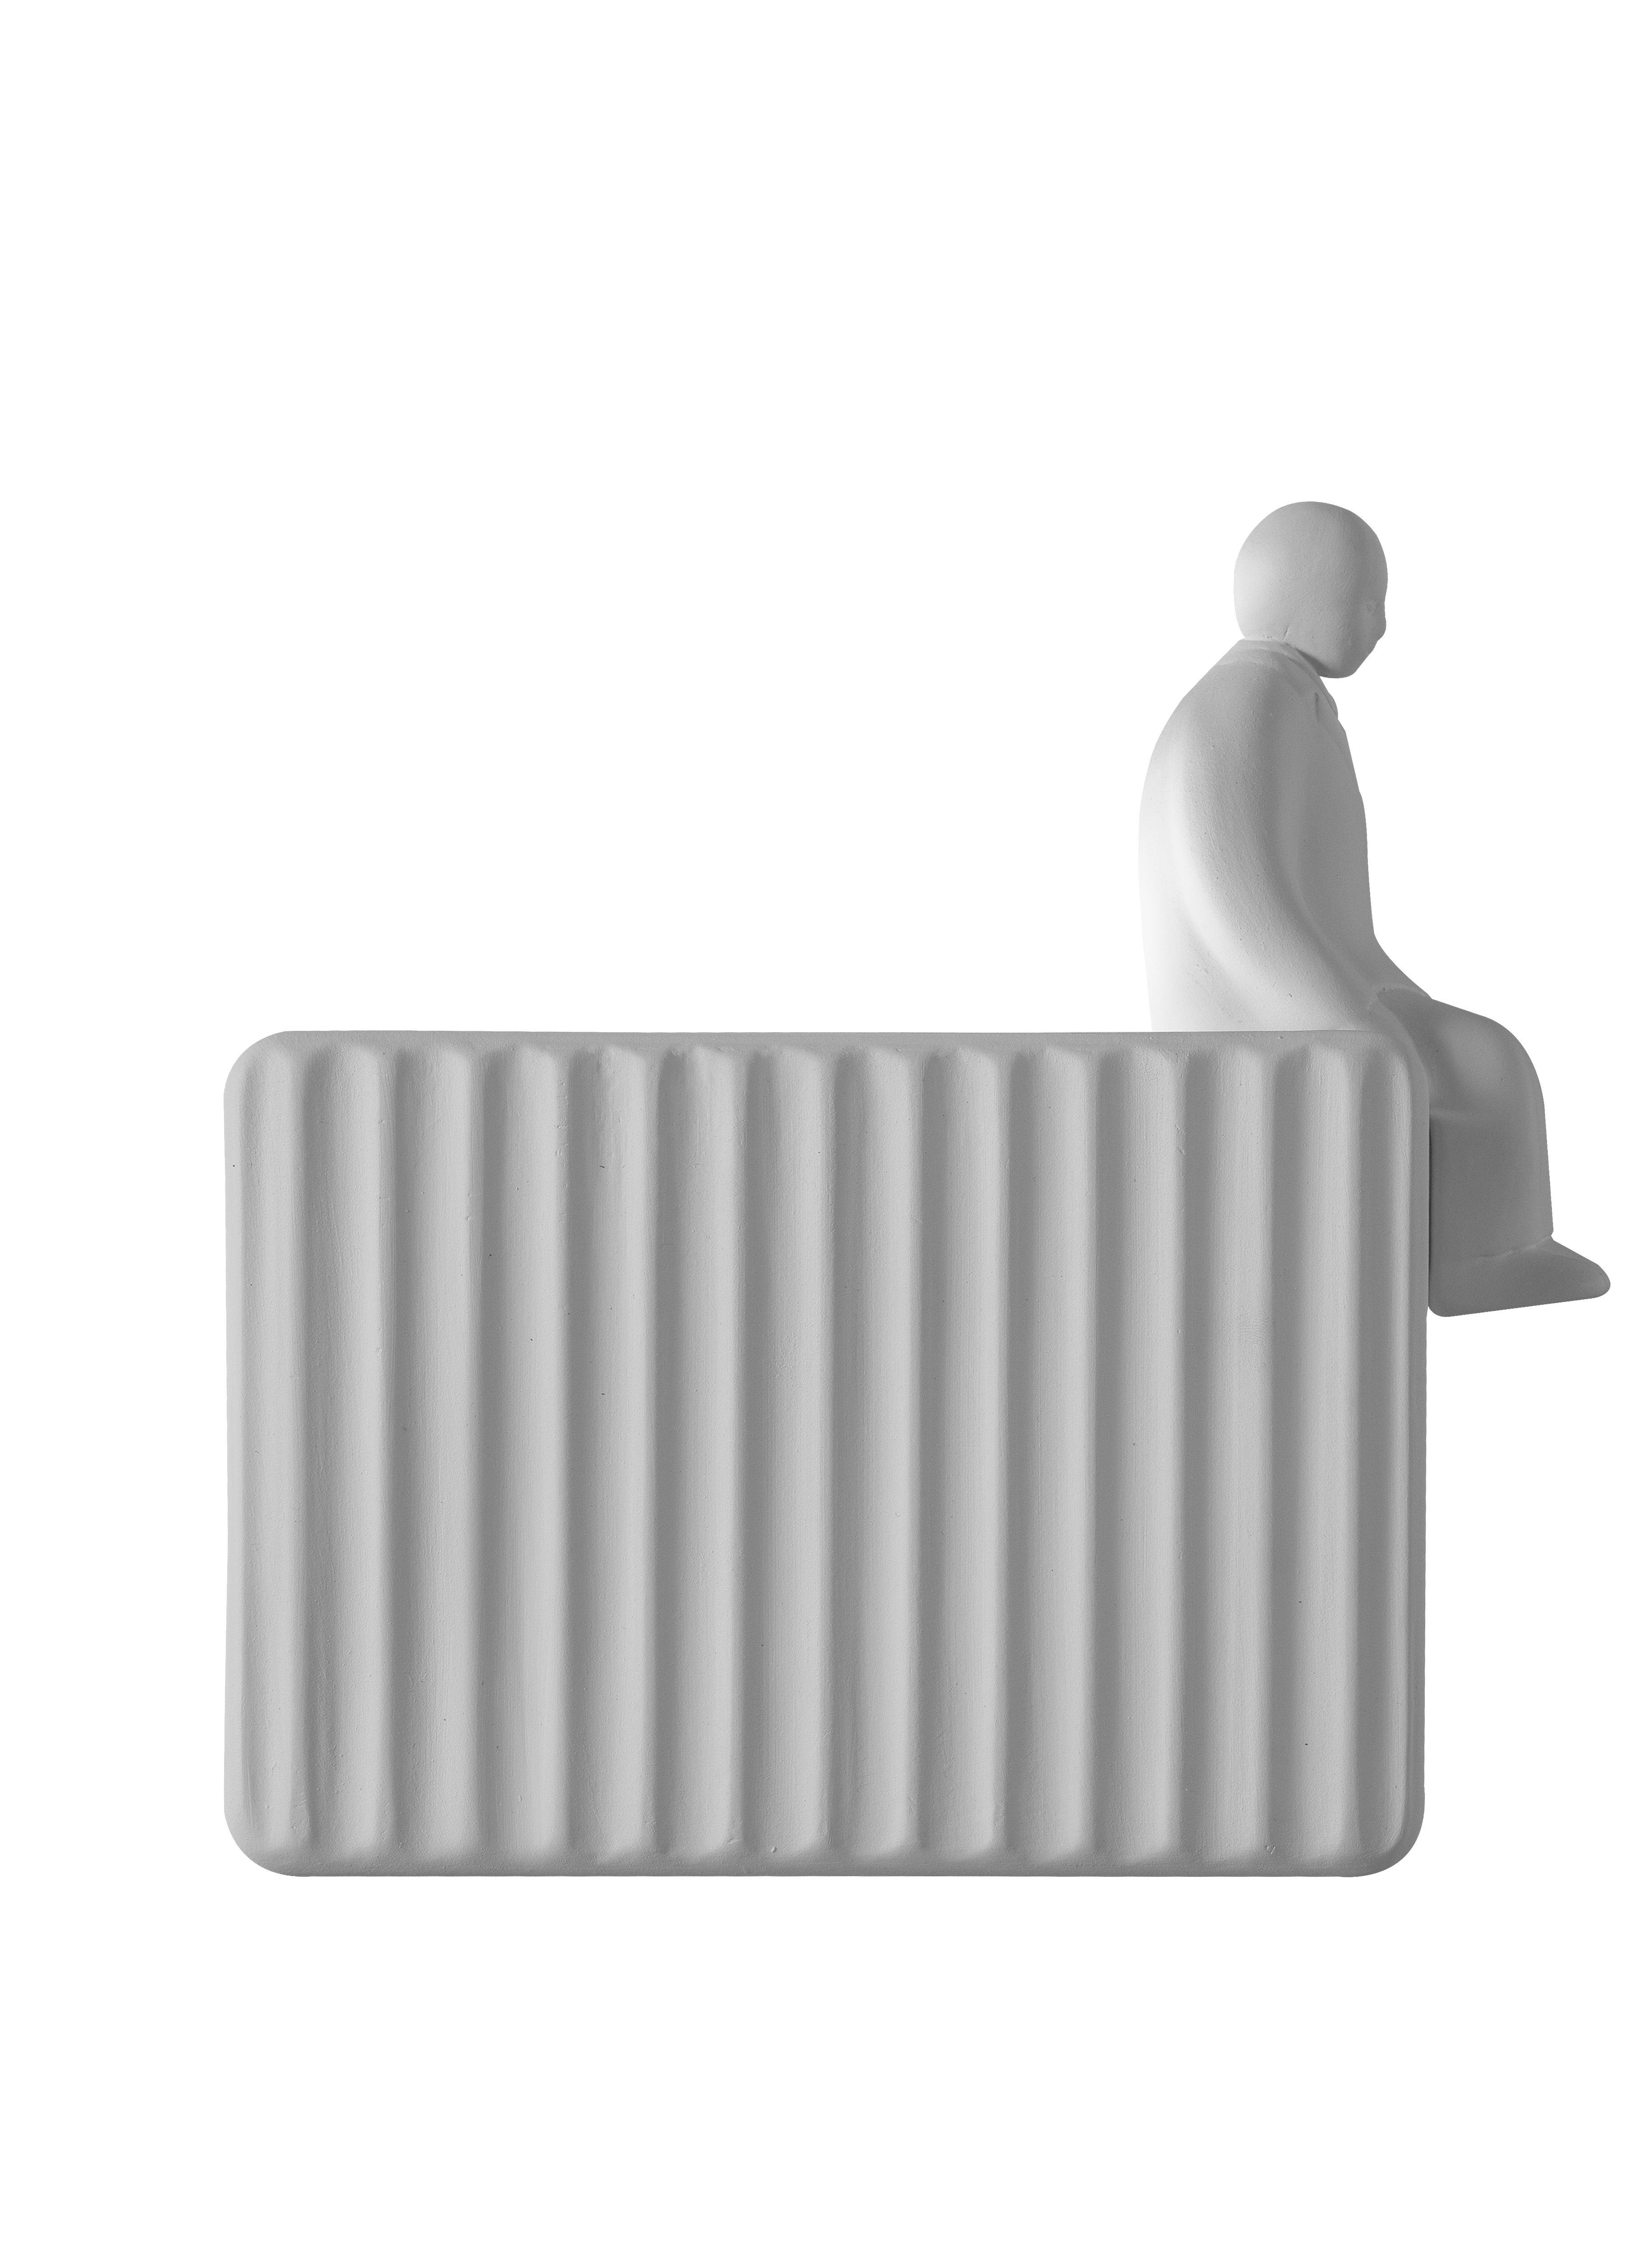 Leuchten - Wandleuchten - Accessoire / Sitzender Mann - Für Umarell-Wandleuchte - Karman - Zubehör / Sitzender Mann - Keramik